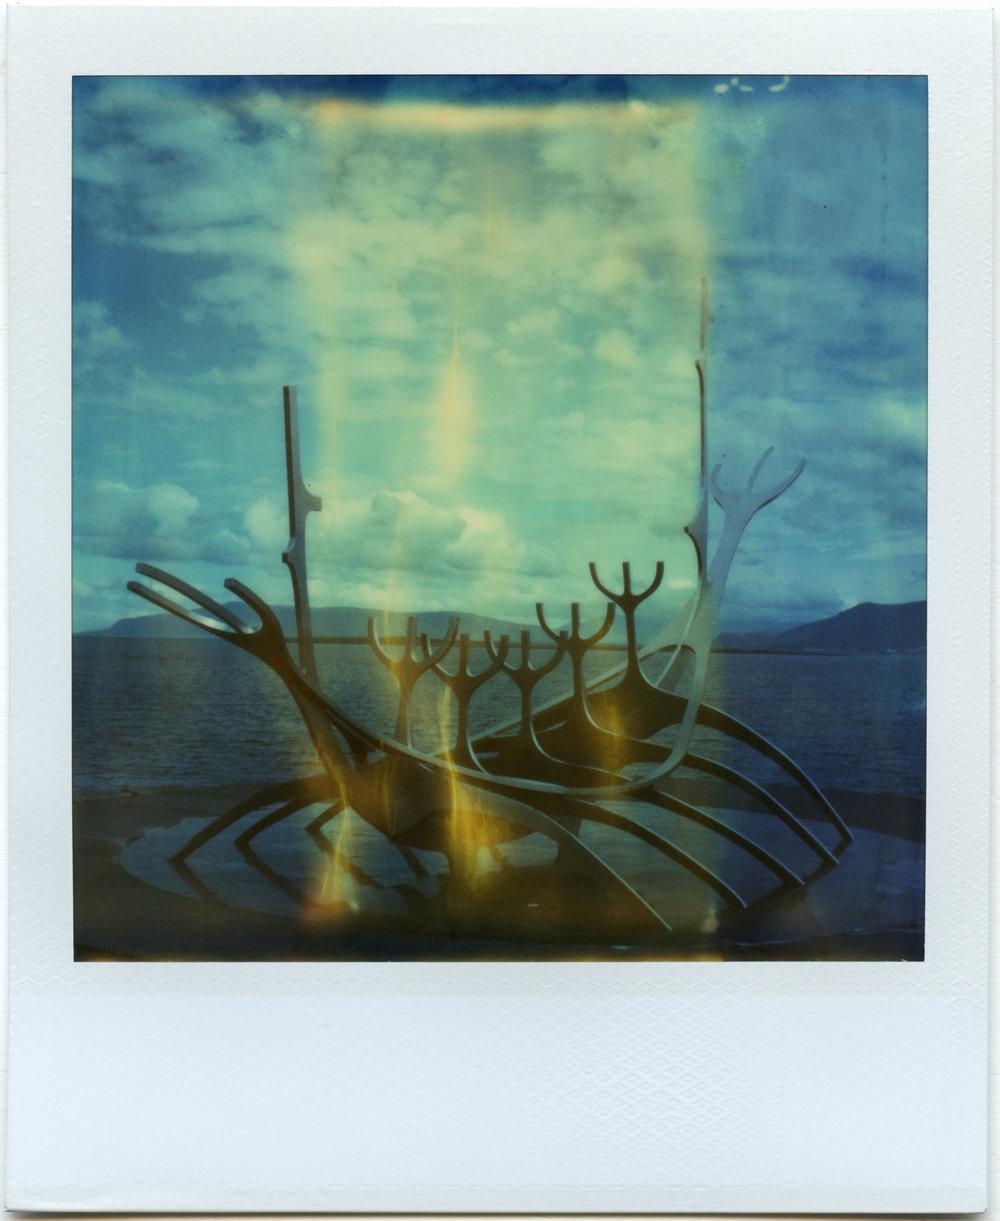 """""""Sólfar"""" - Expired Polaroid Time Zero Film - 2018"""